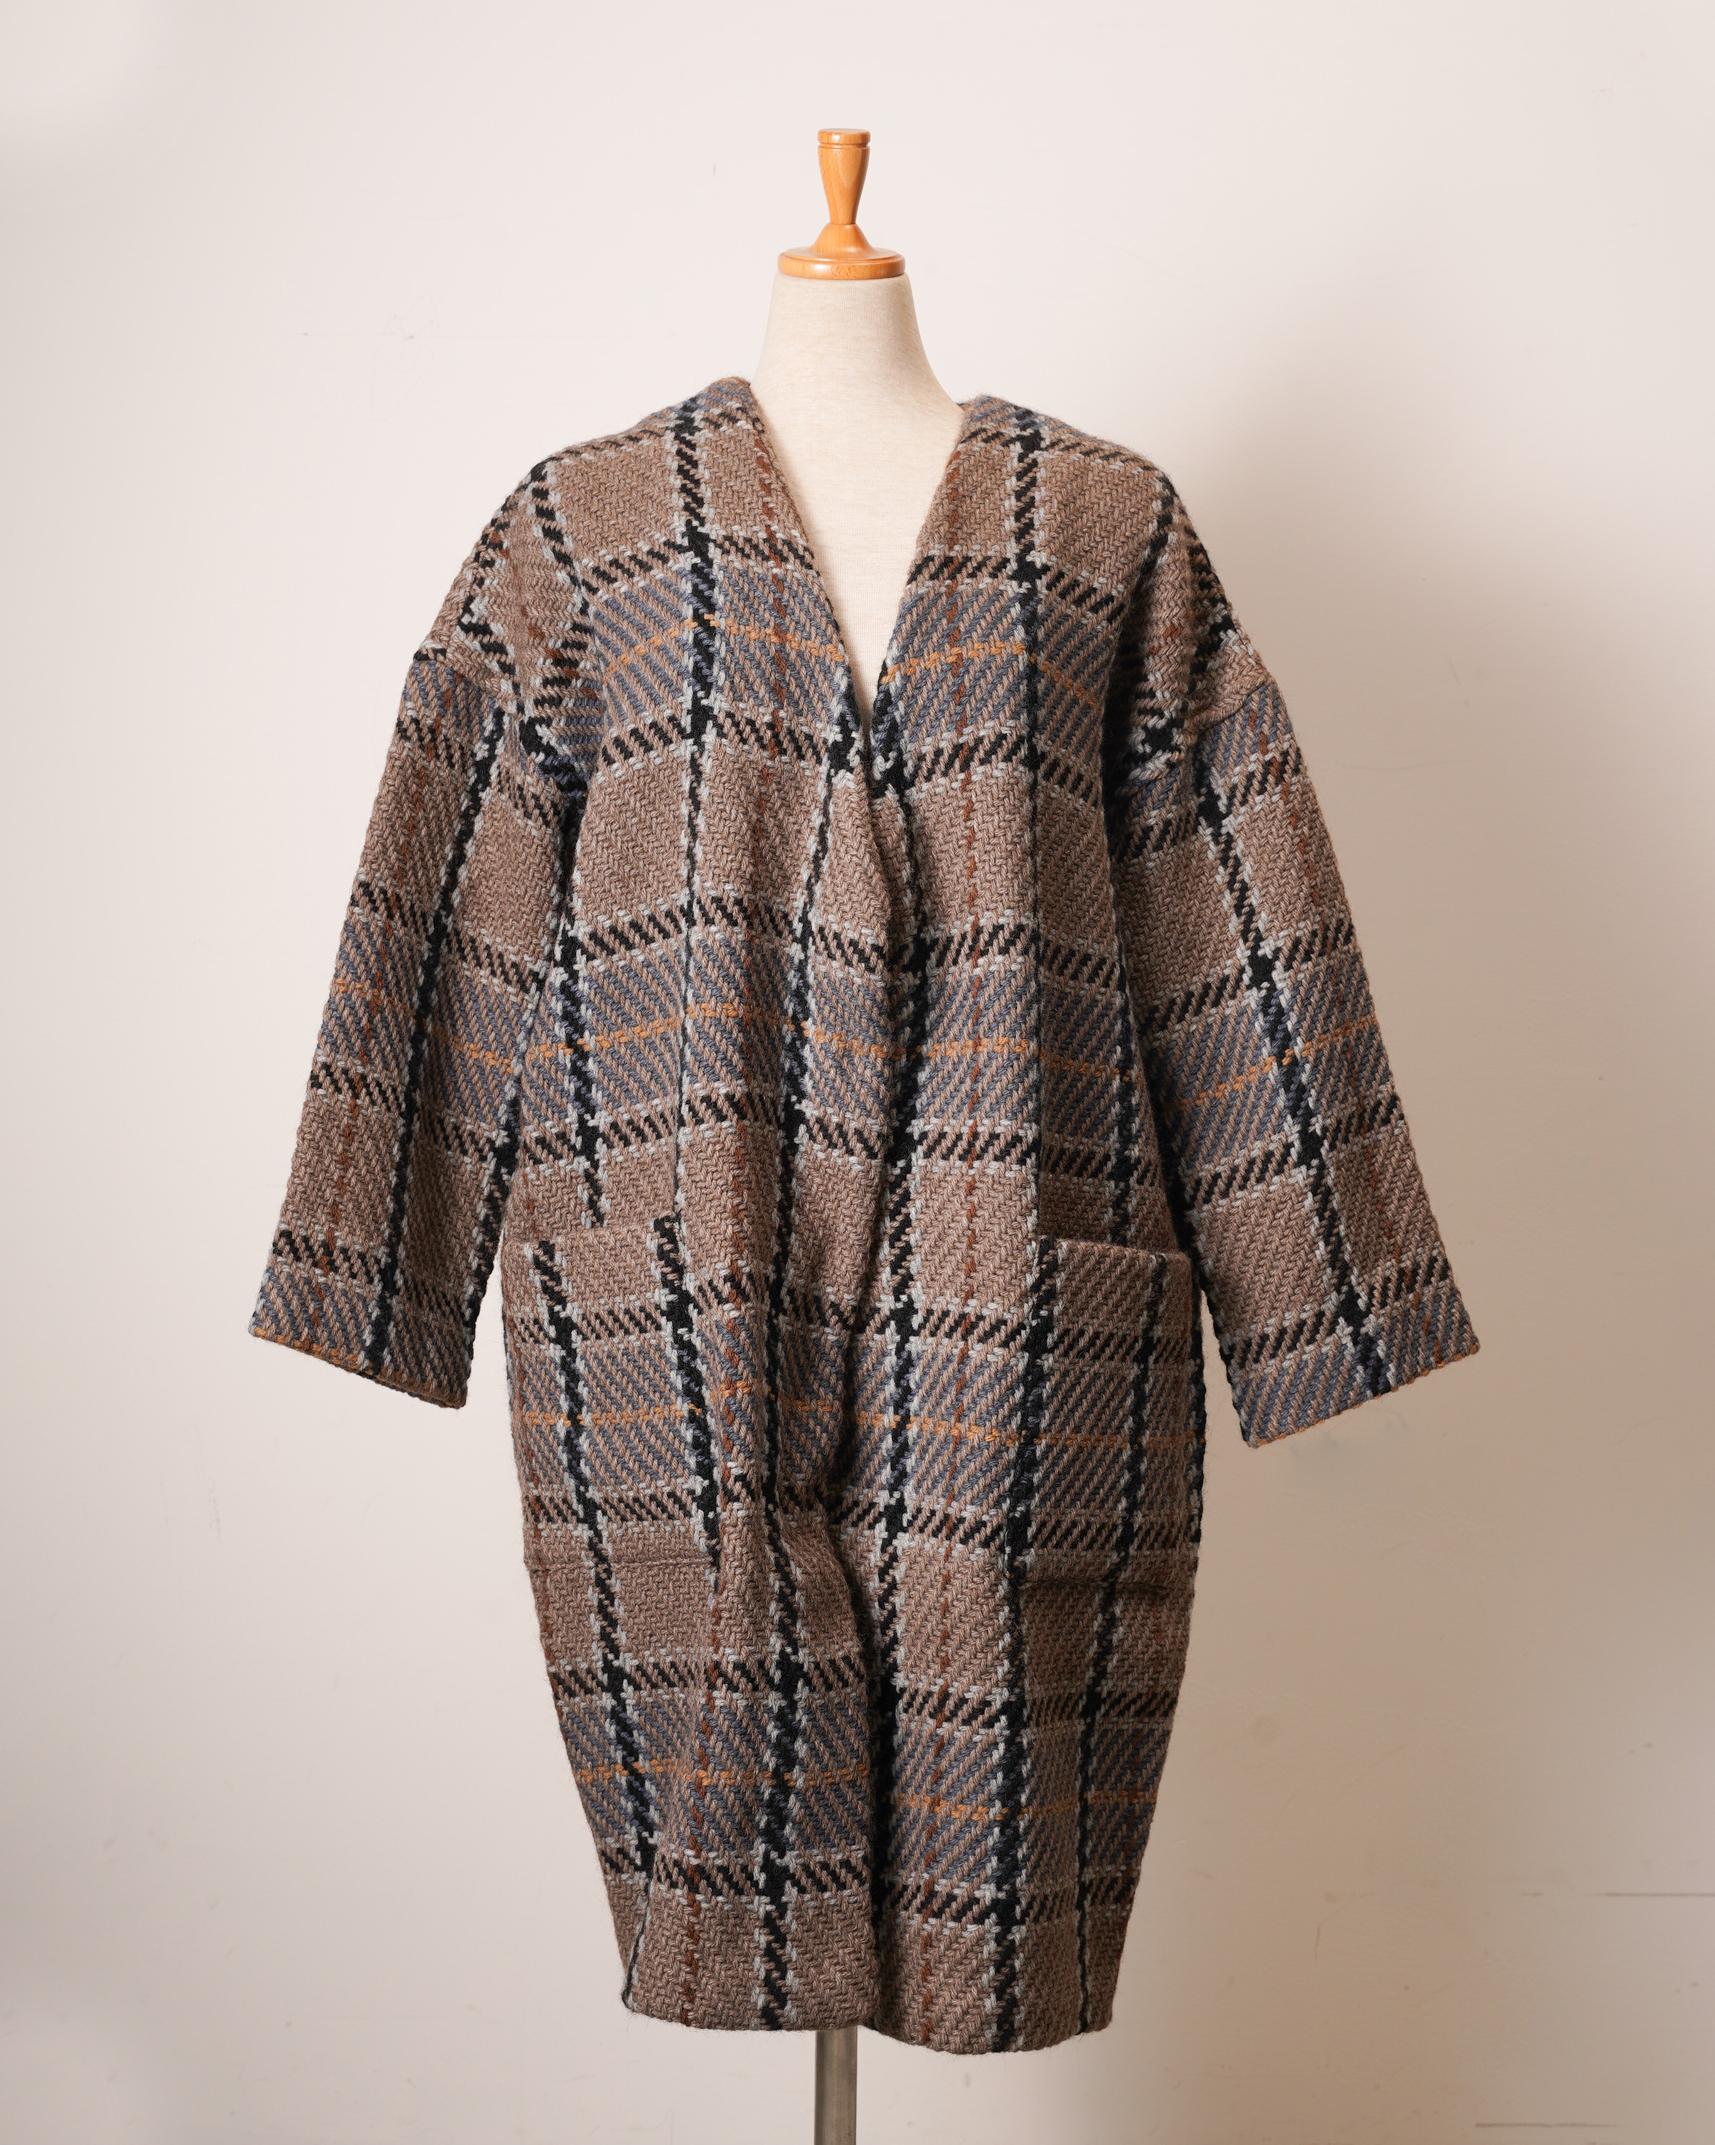 johnbranigan(ジョンブラニガン)のオーバーサイズのコート。トルソー着用